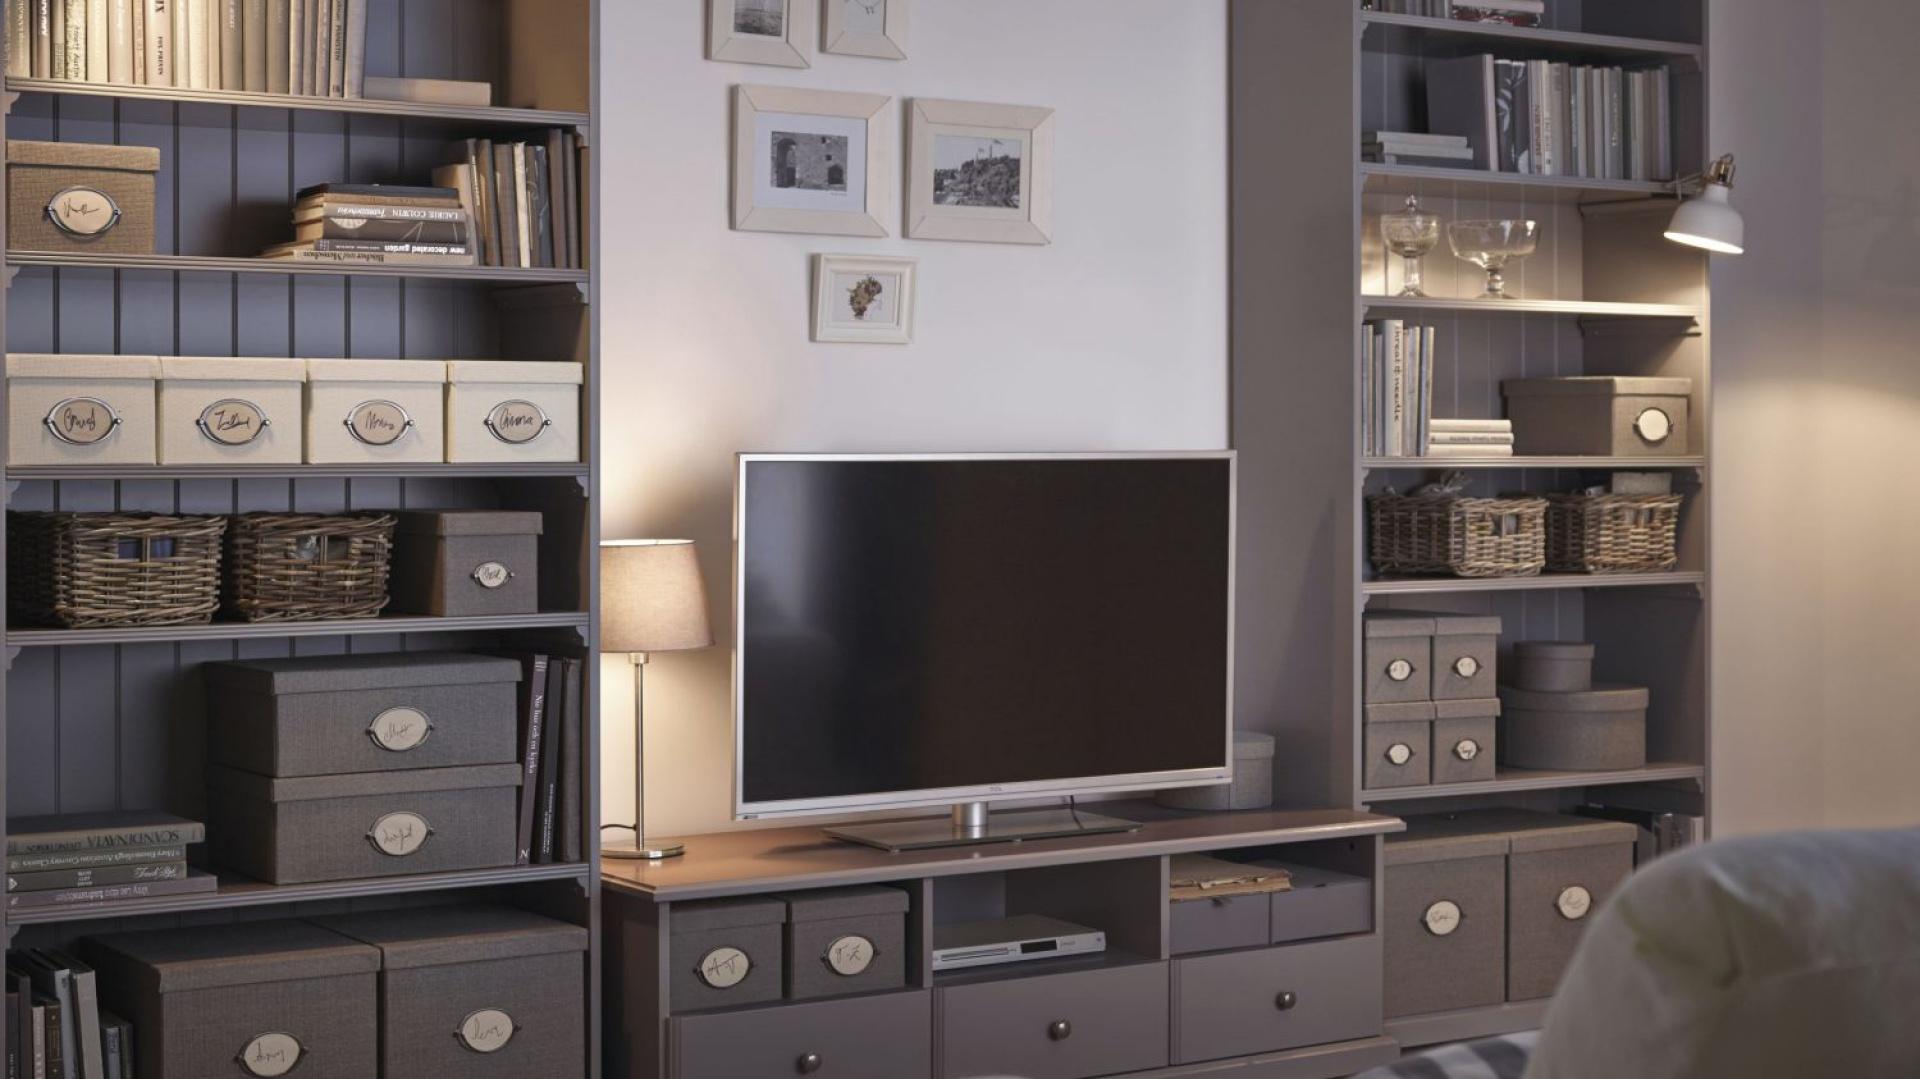 Meble z kolekcji IKEA. Elegancką komodę uzupełniają pojemne regały. Fot. IKEA.